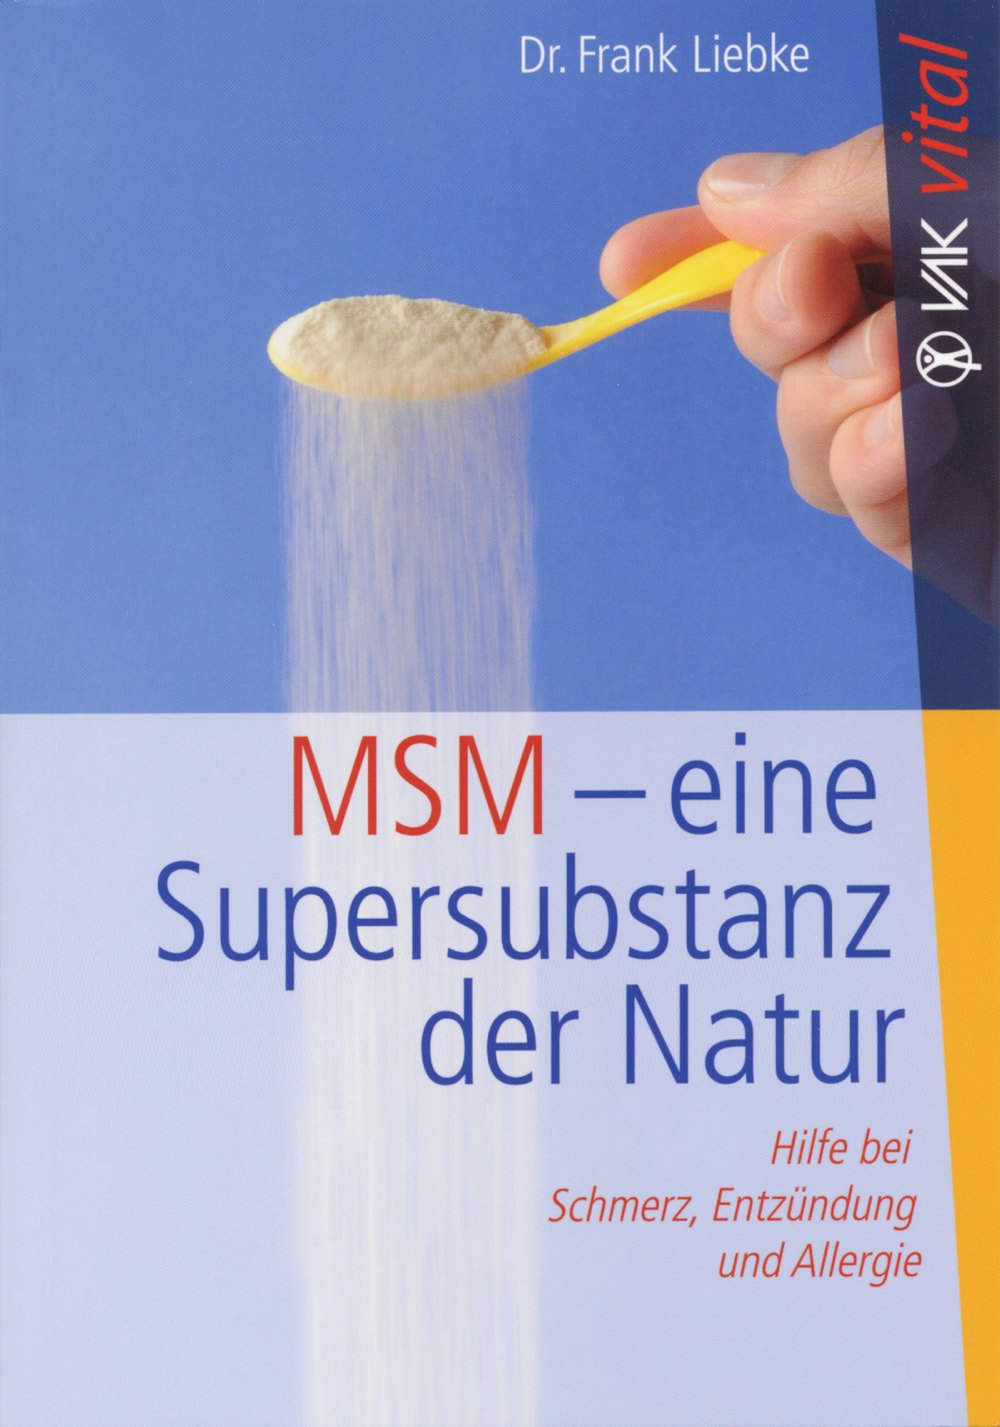 MSM – Eine Supersubstanz der Natur